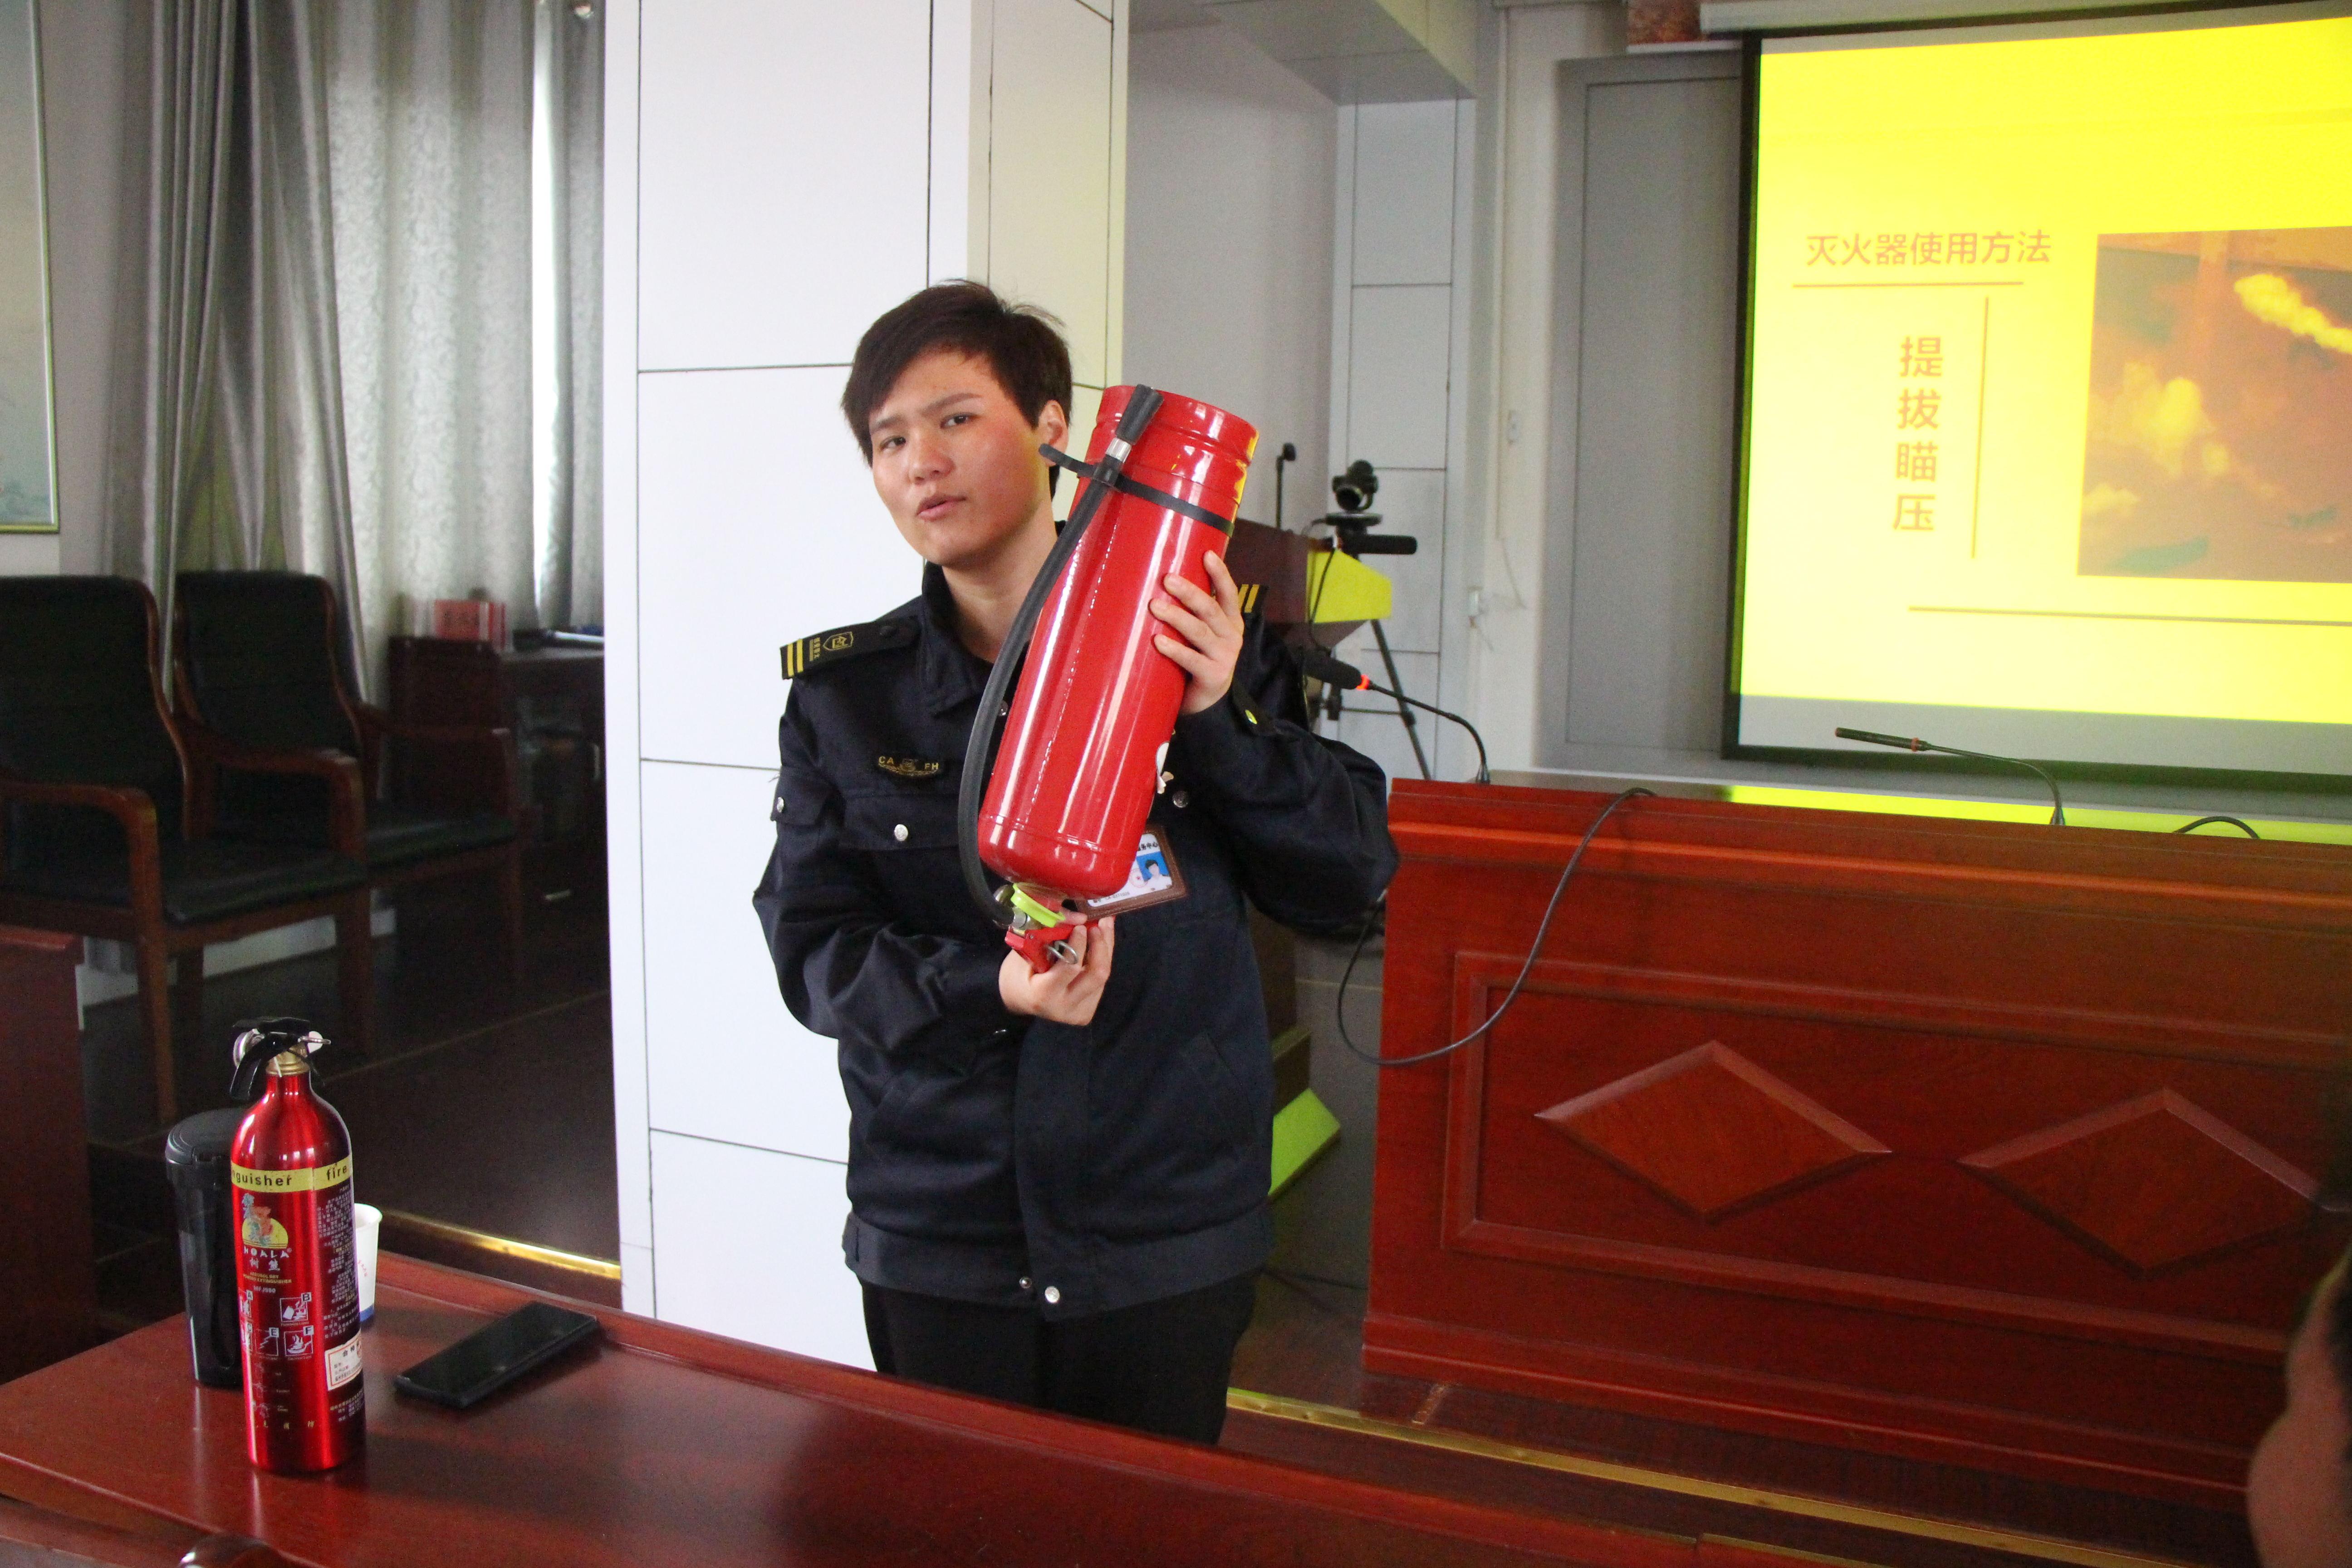 公路管理局开展消防知识培训2.jpg